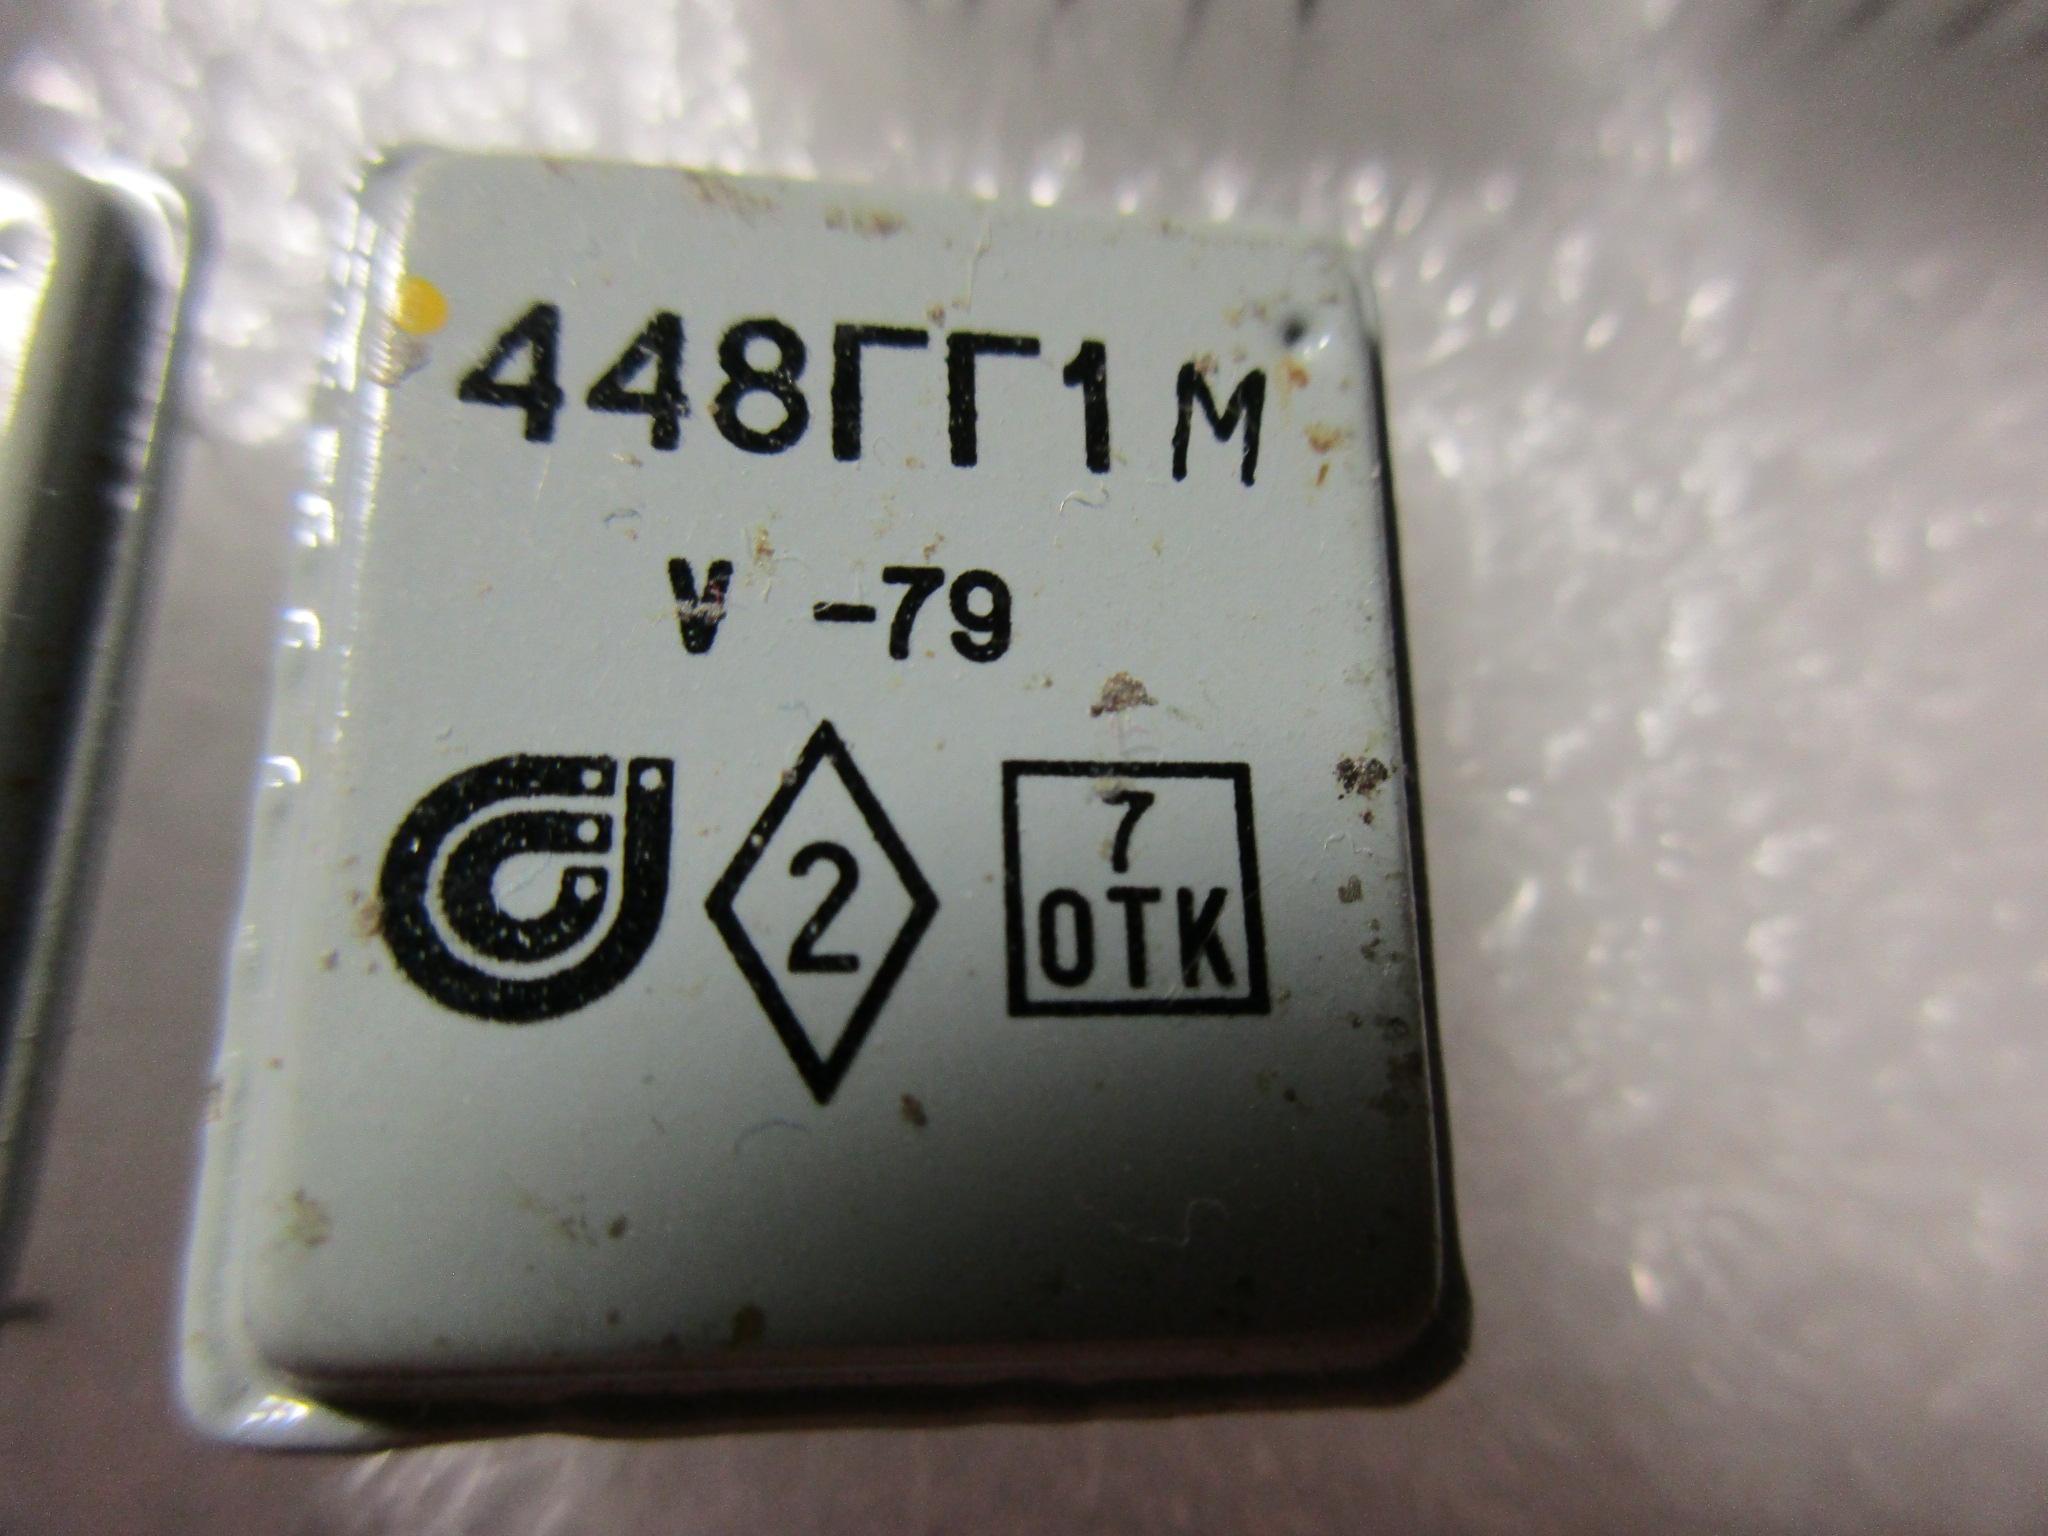 448ГГ1М.JPG